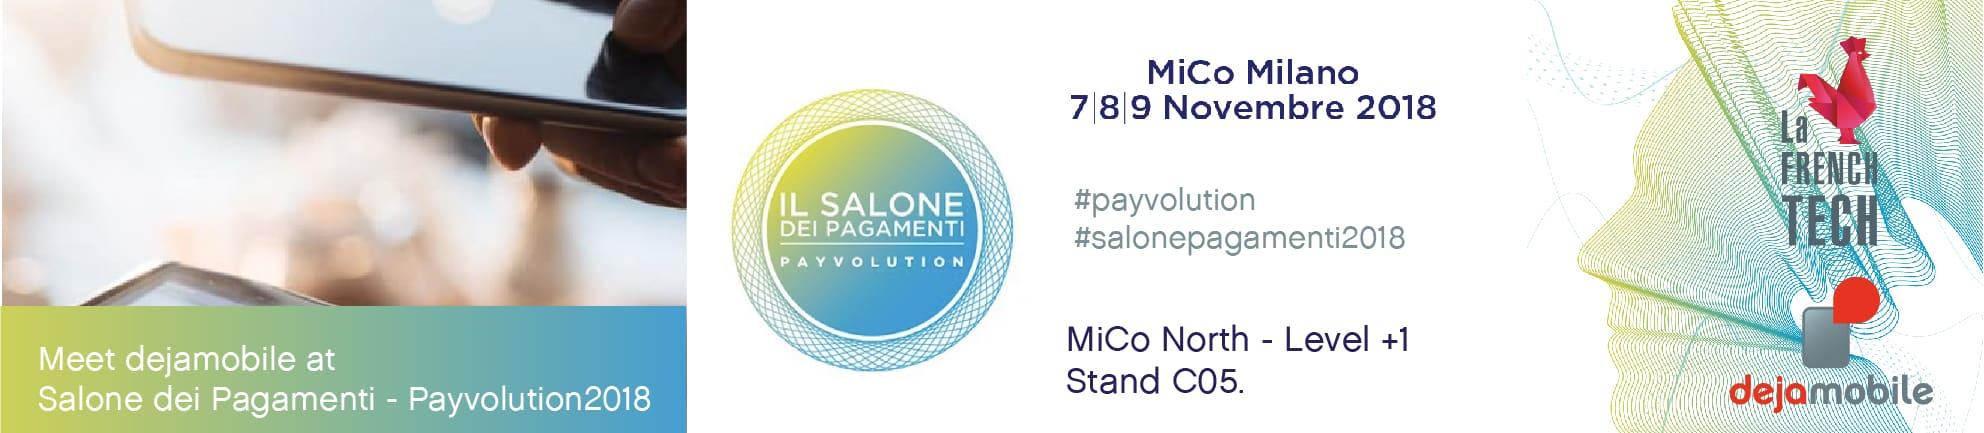 salon-paiements-payvolution-milan-2018